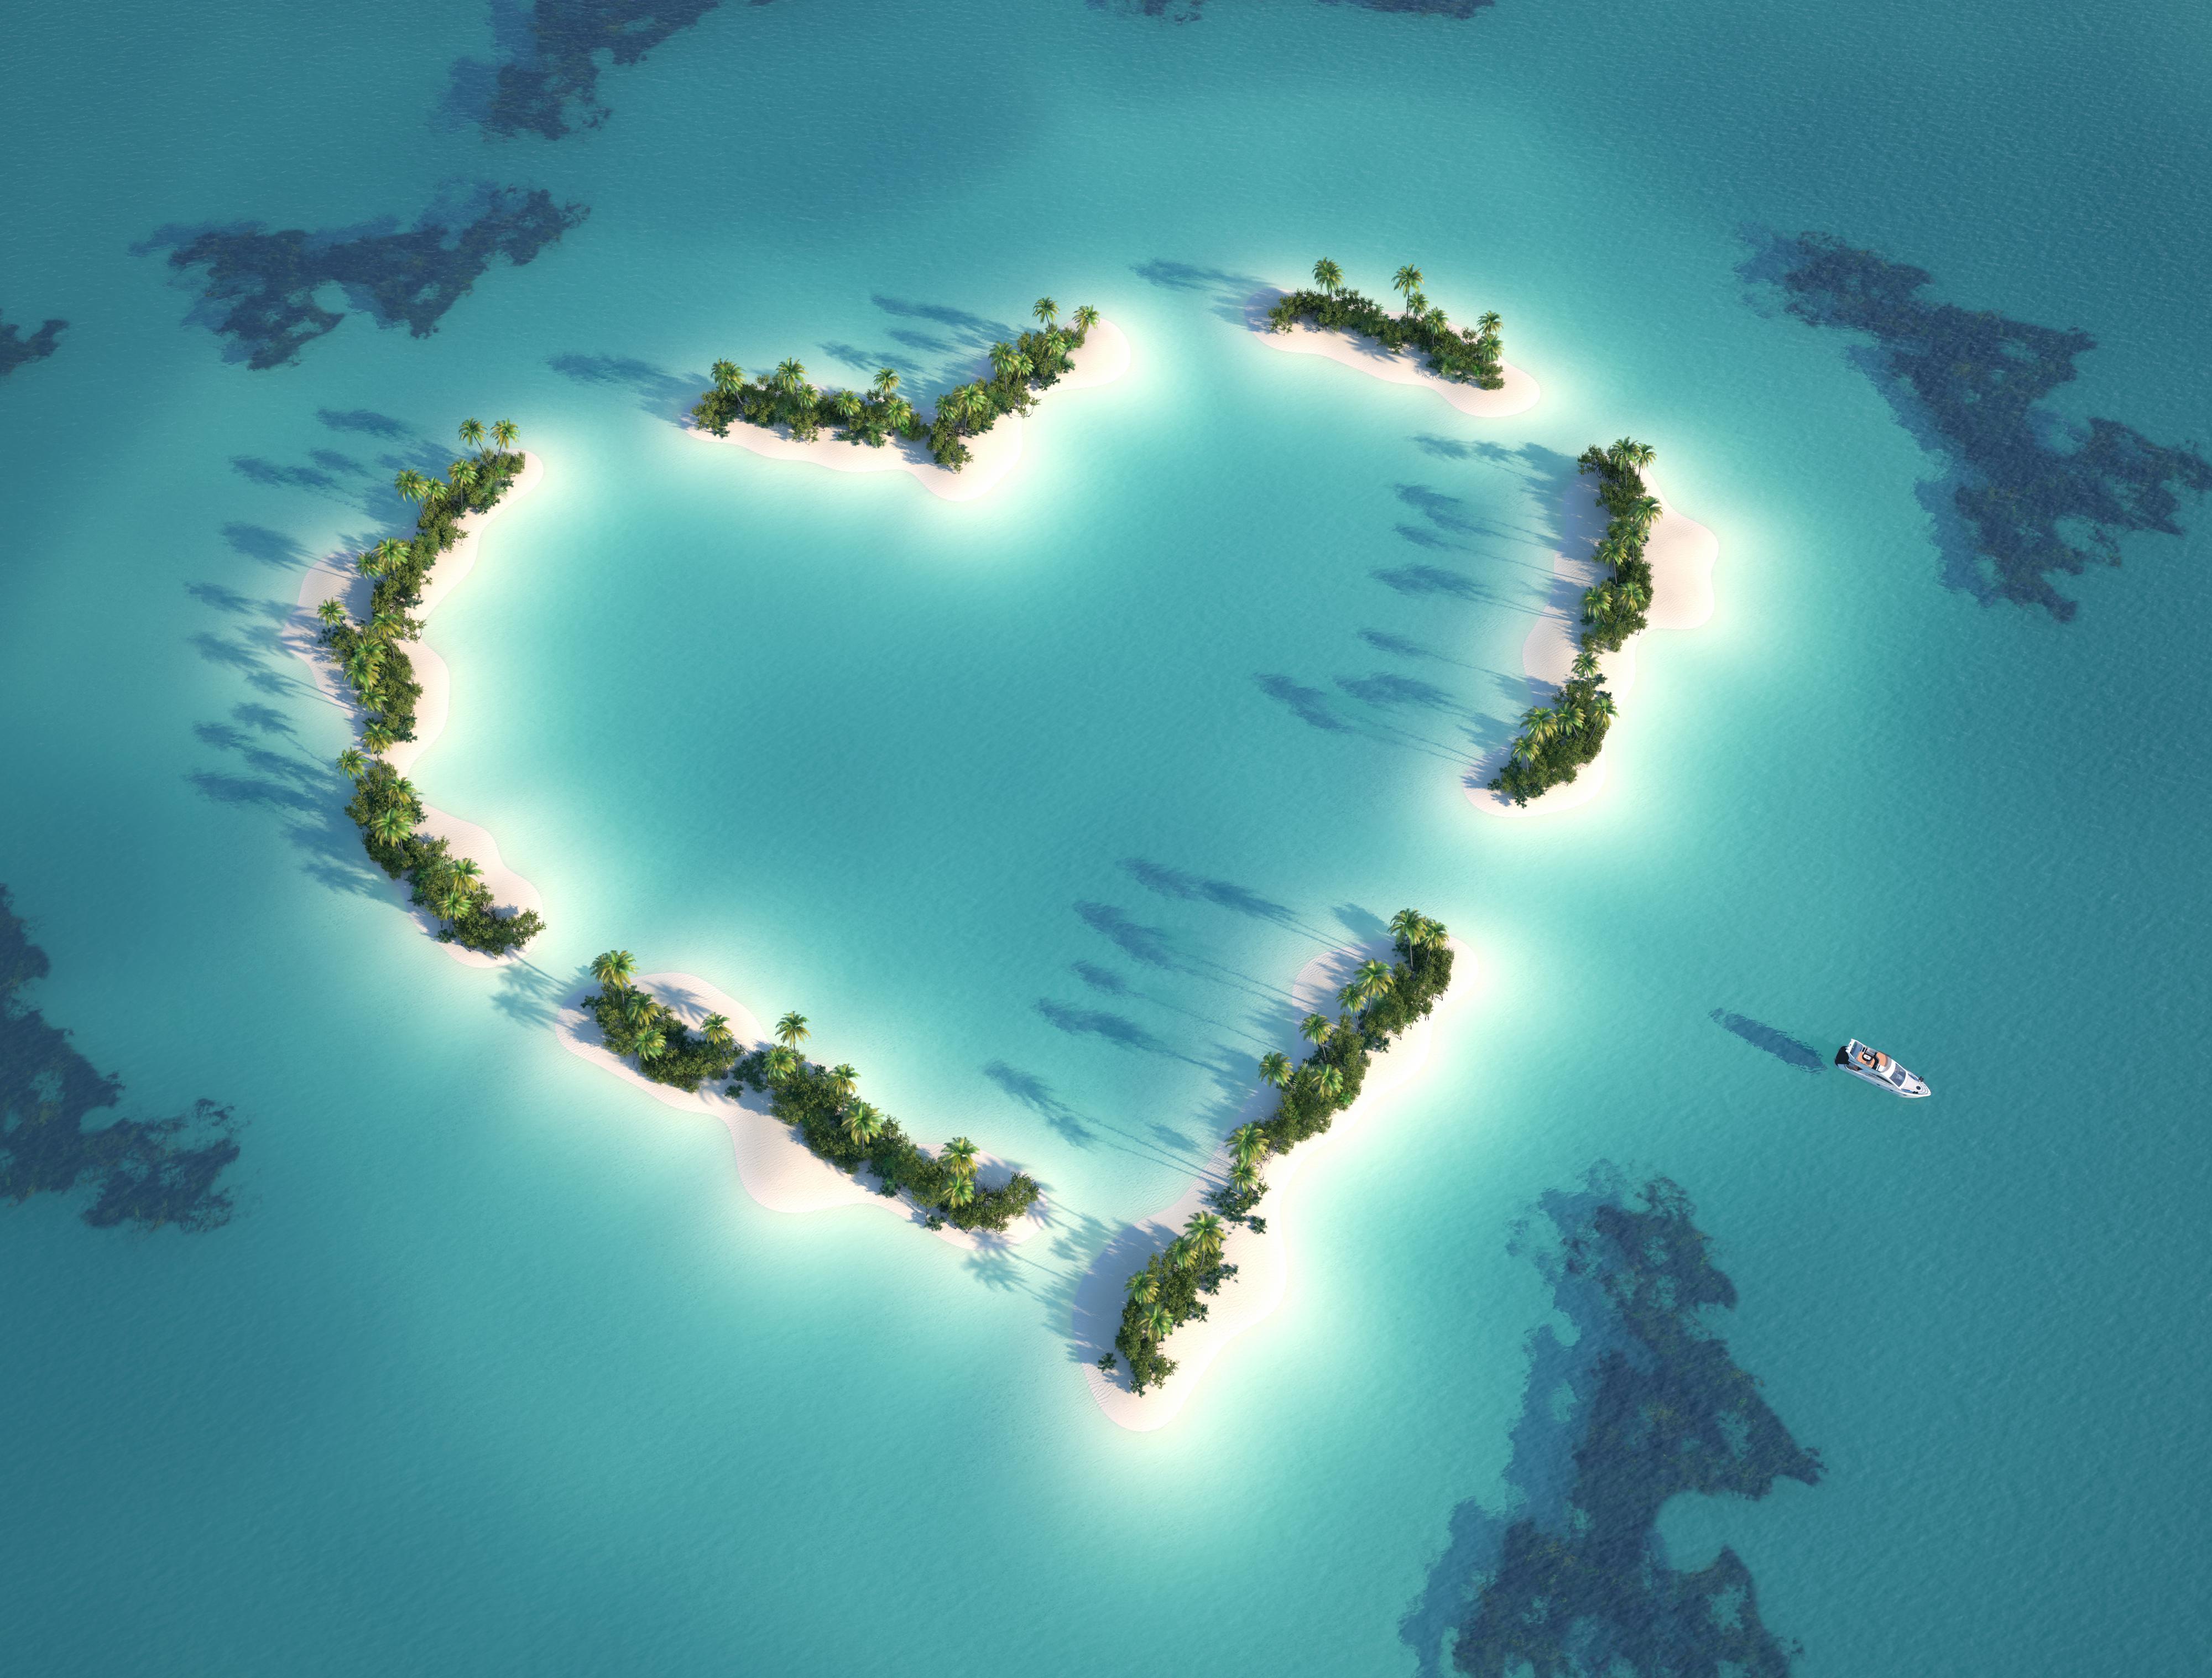 浪漫心形岛屿.jpg